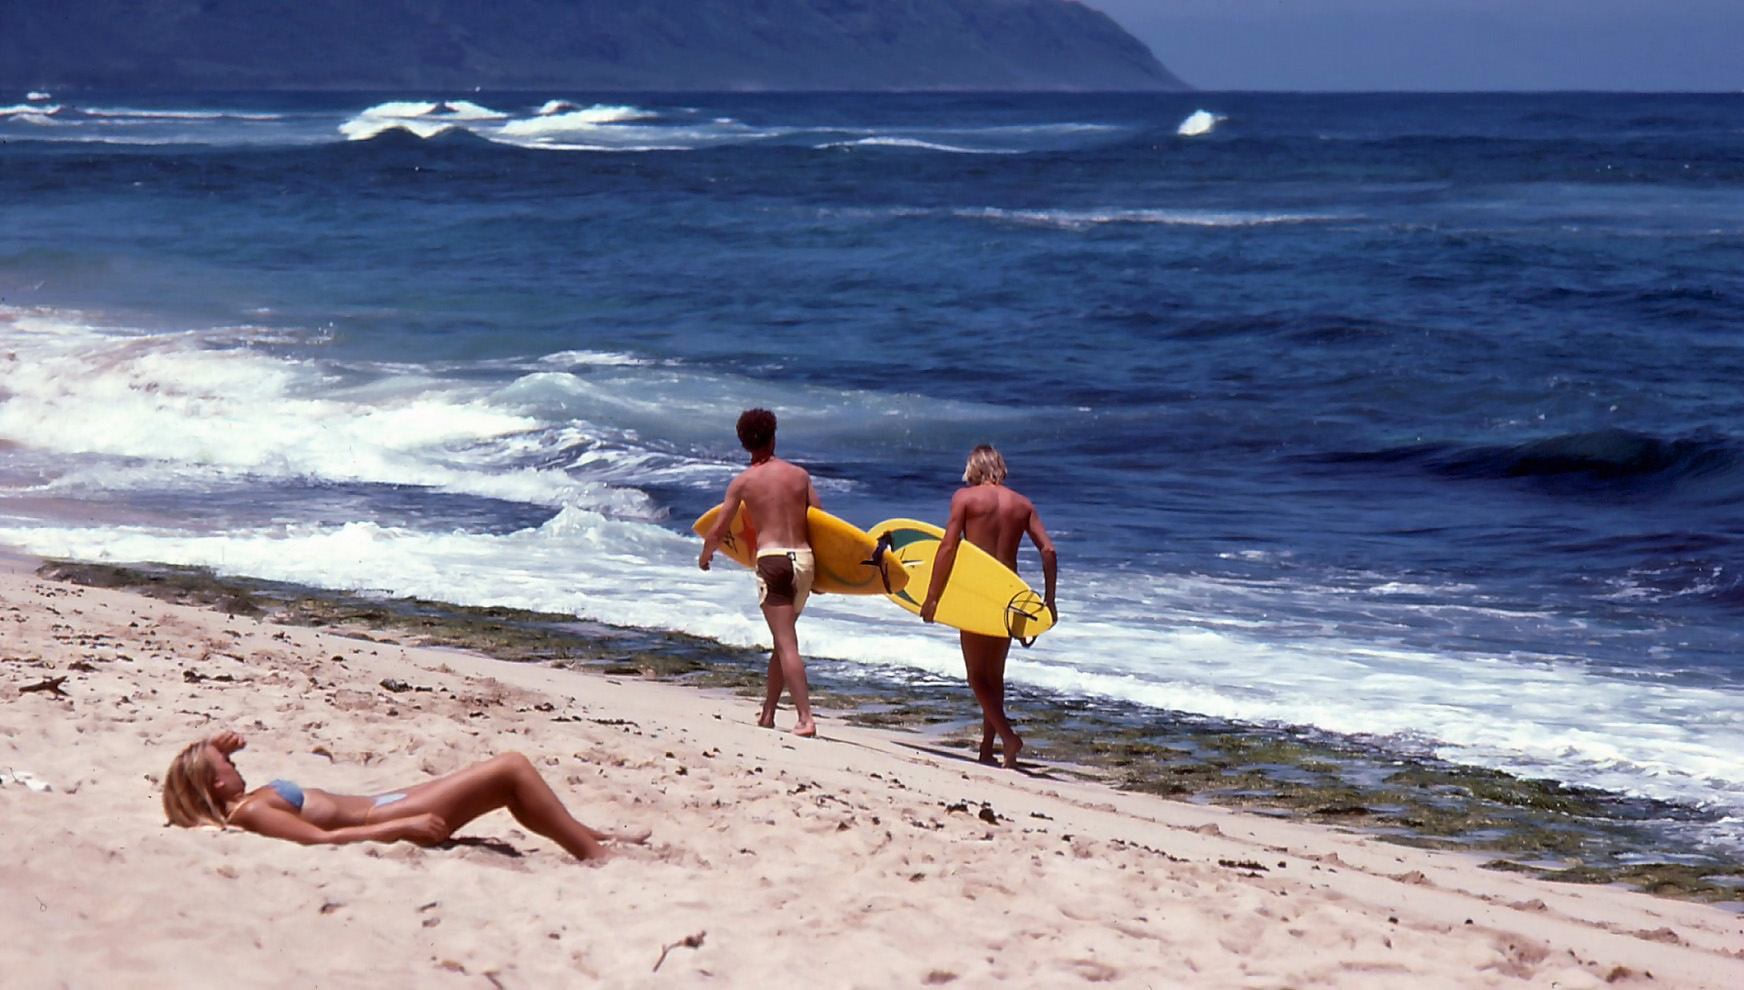 125. KG o CH ska för första gången surfa the north shore, Oahu (1981)